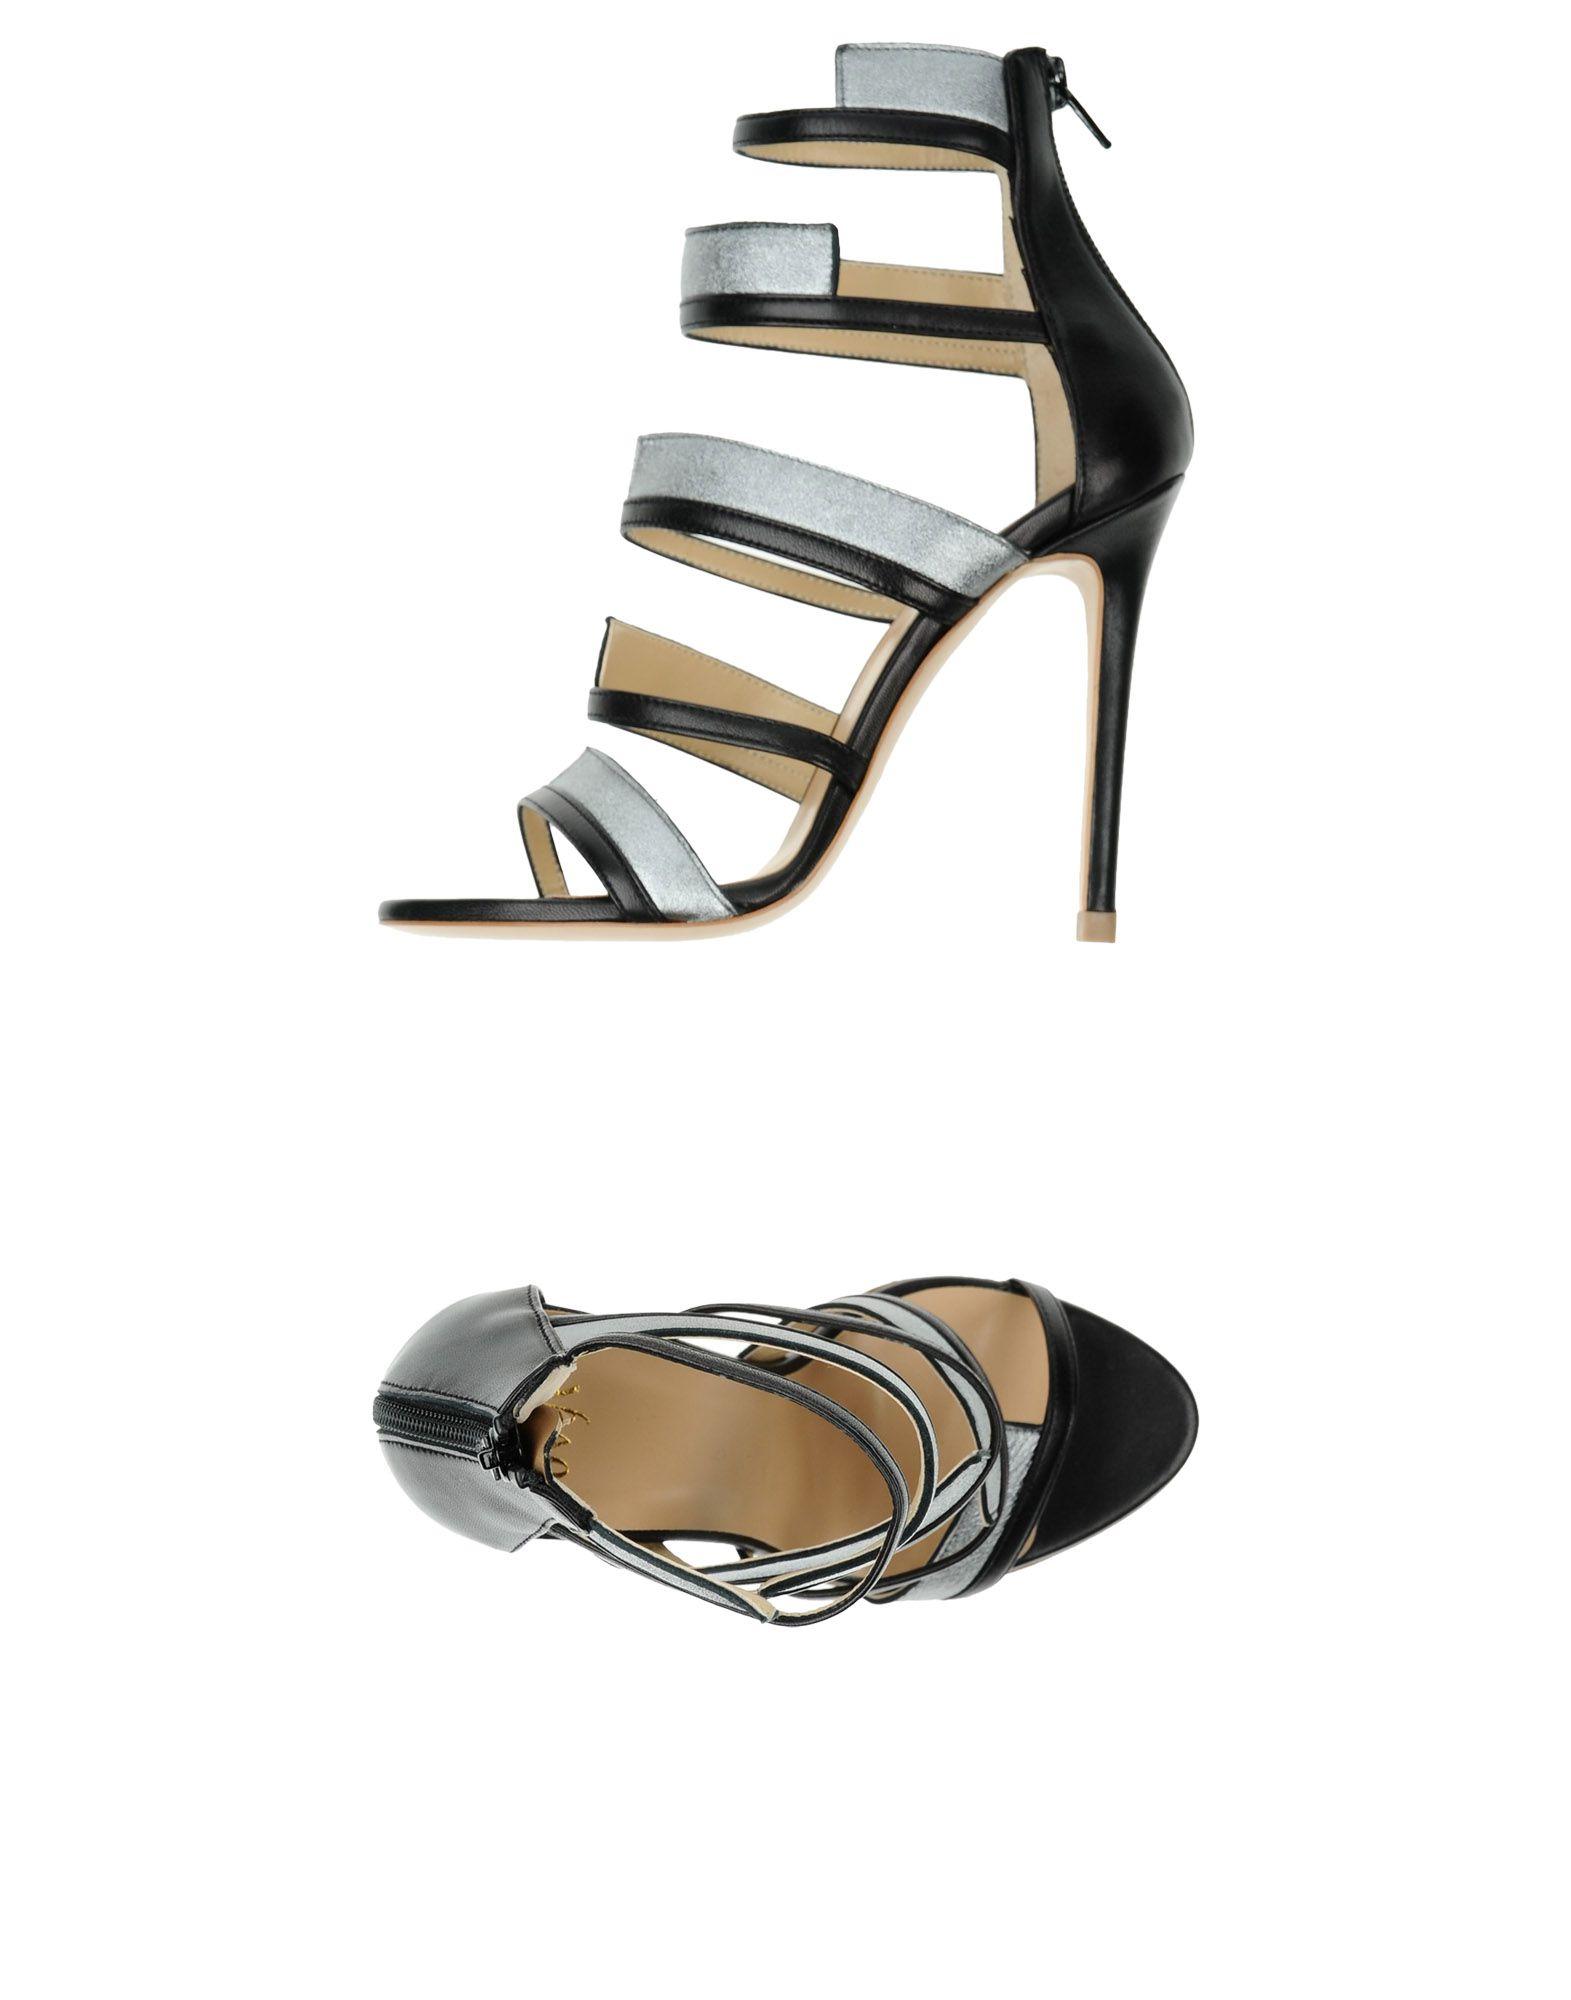 Ovye' By Cristina Lucchi Sandalen Damen  11336138KG Gute Qualität beliebte Schuhe